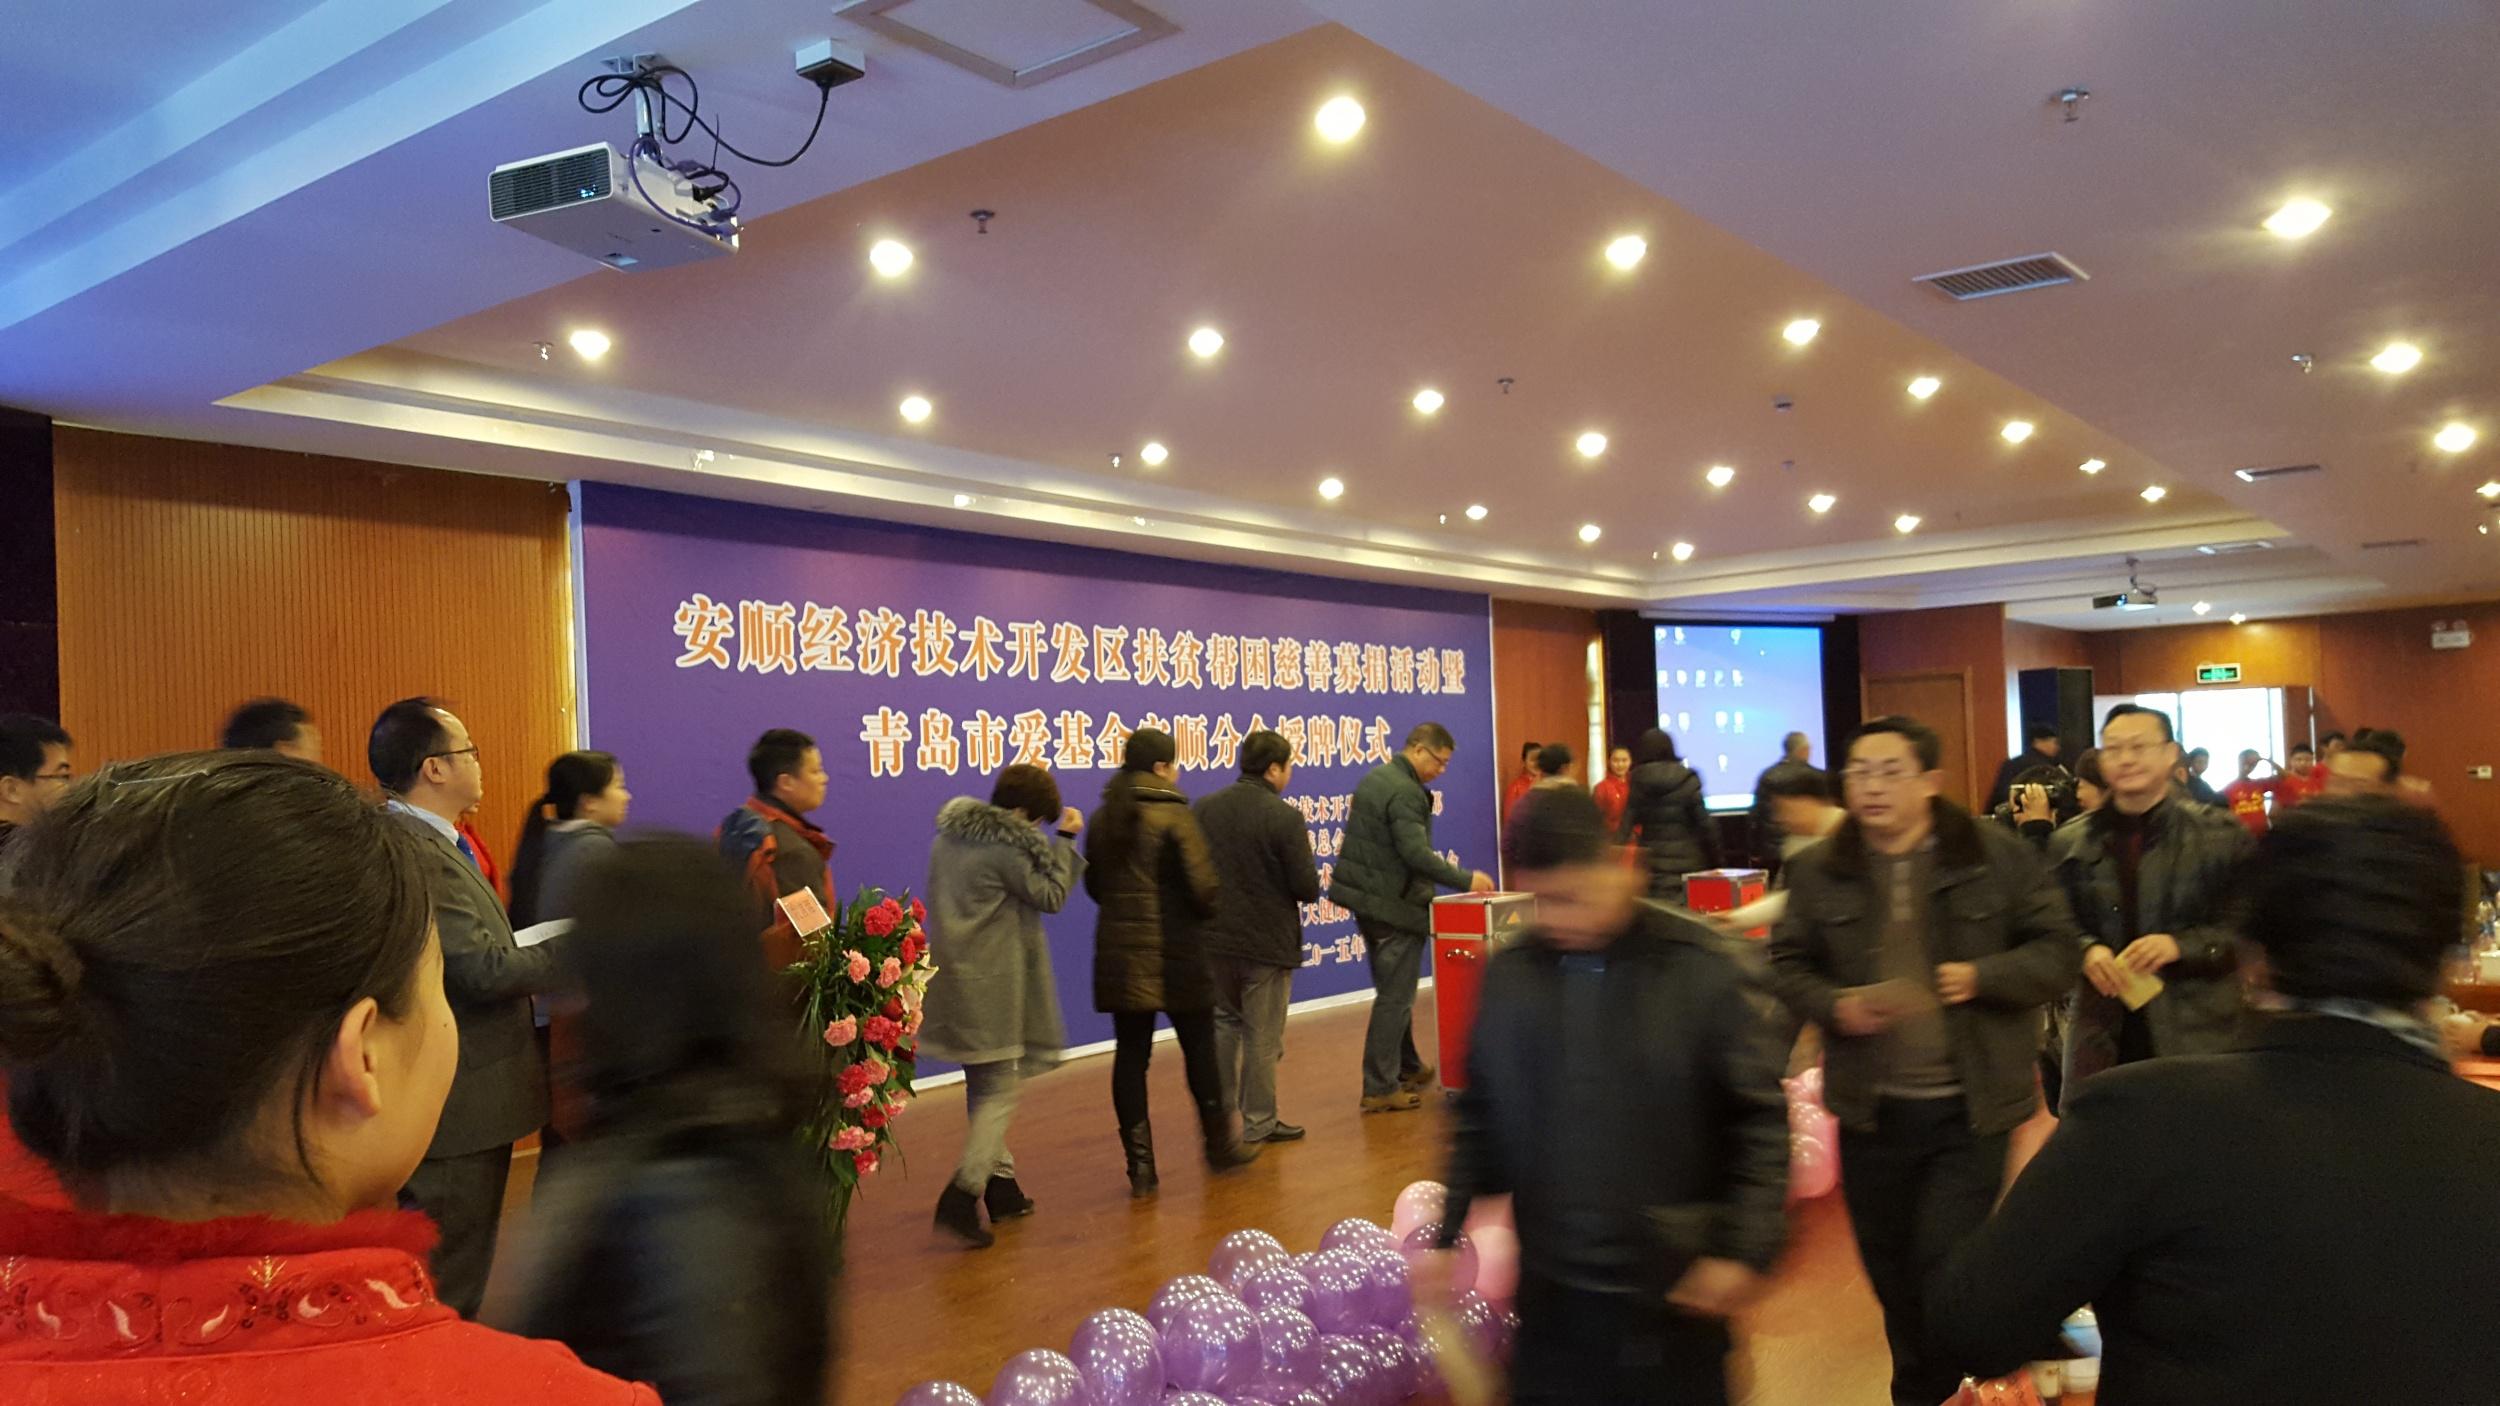 副社长:李才凤承办的慈善募捐活动